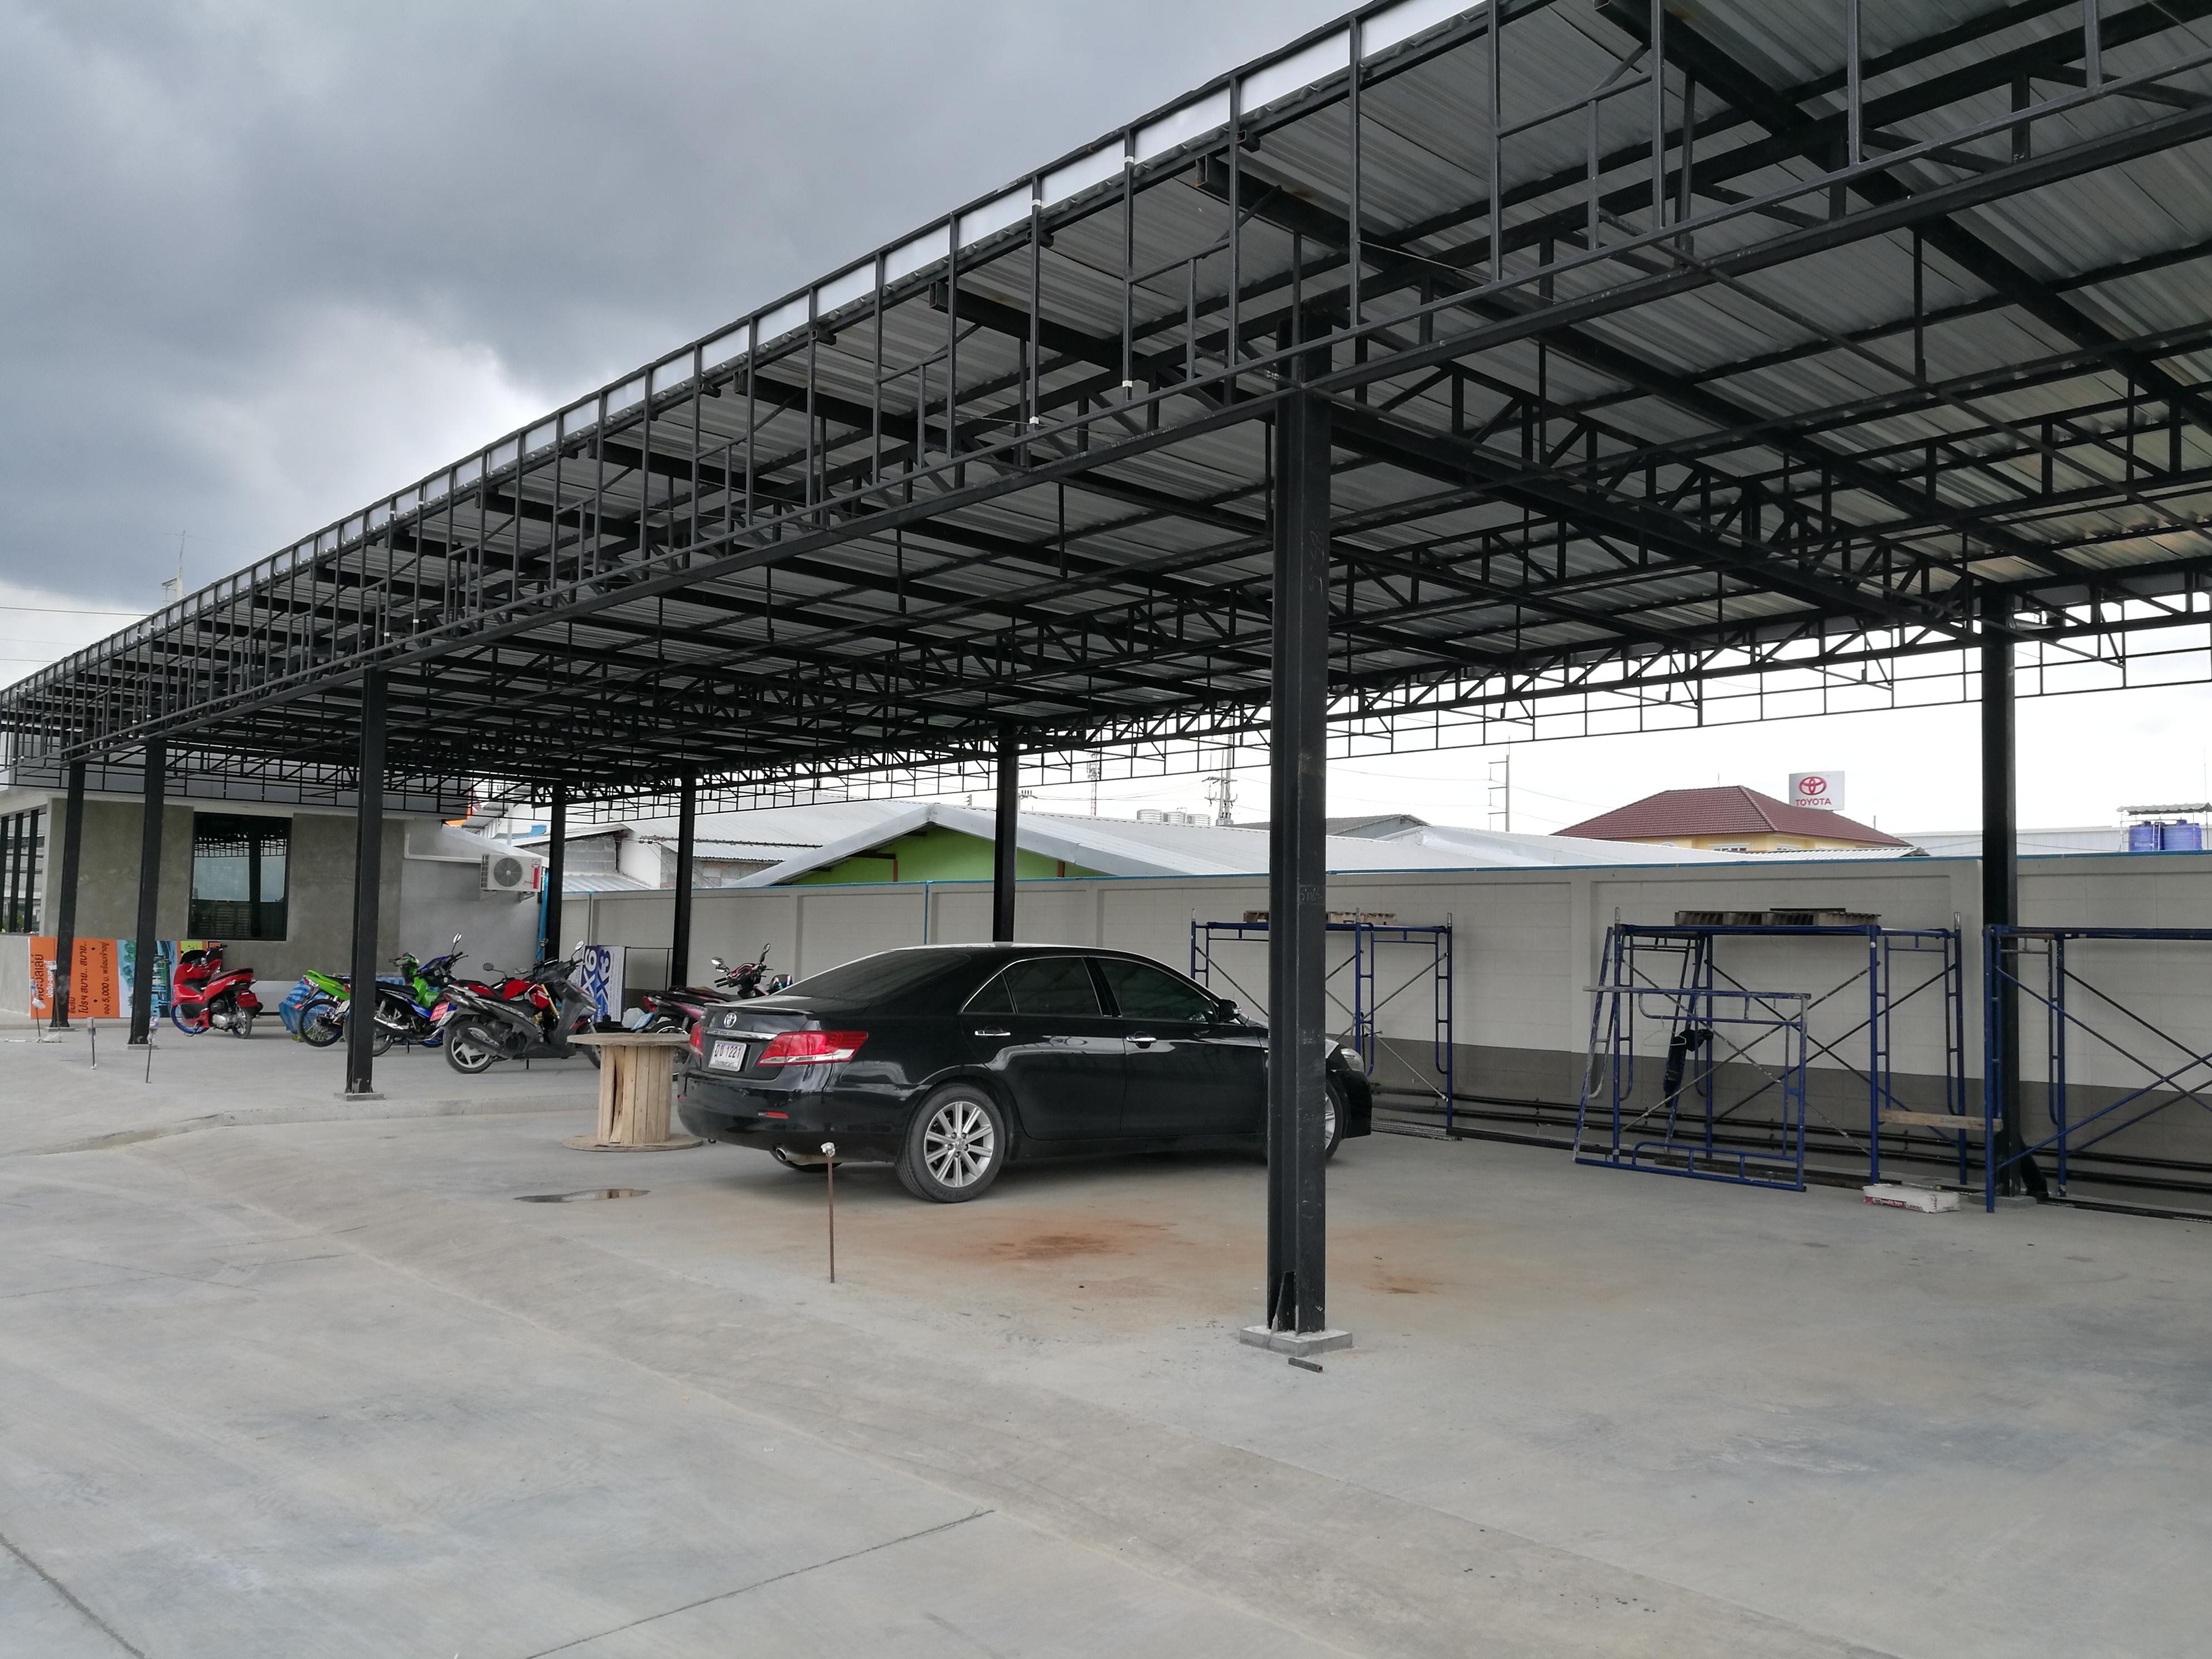 อบรมธุรกิจคาร์แคร์ สอนธุรกิจคาร์แคร์ ที่บ่อวิน (ชลบุรี) Billion Care Car Wash